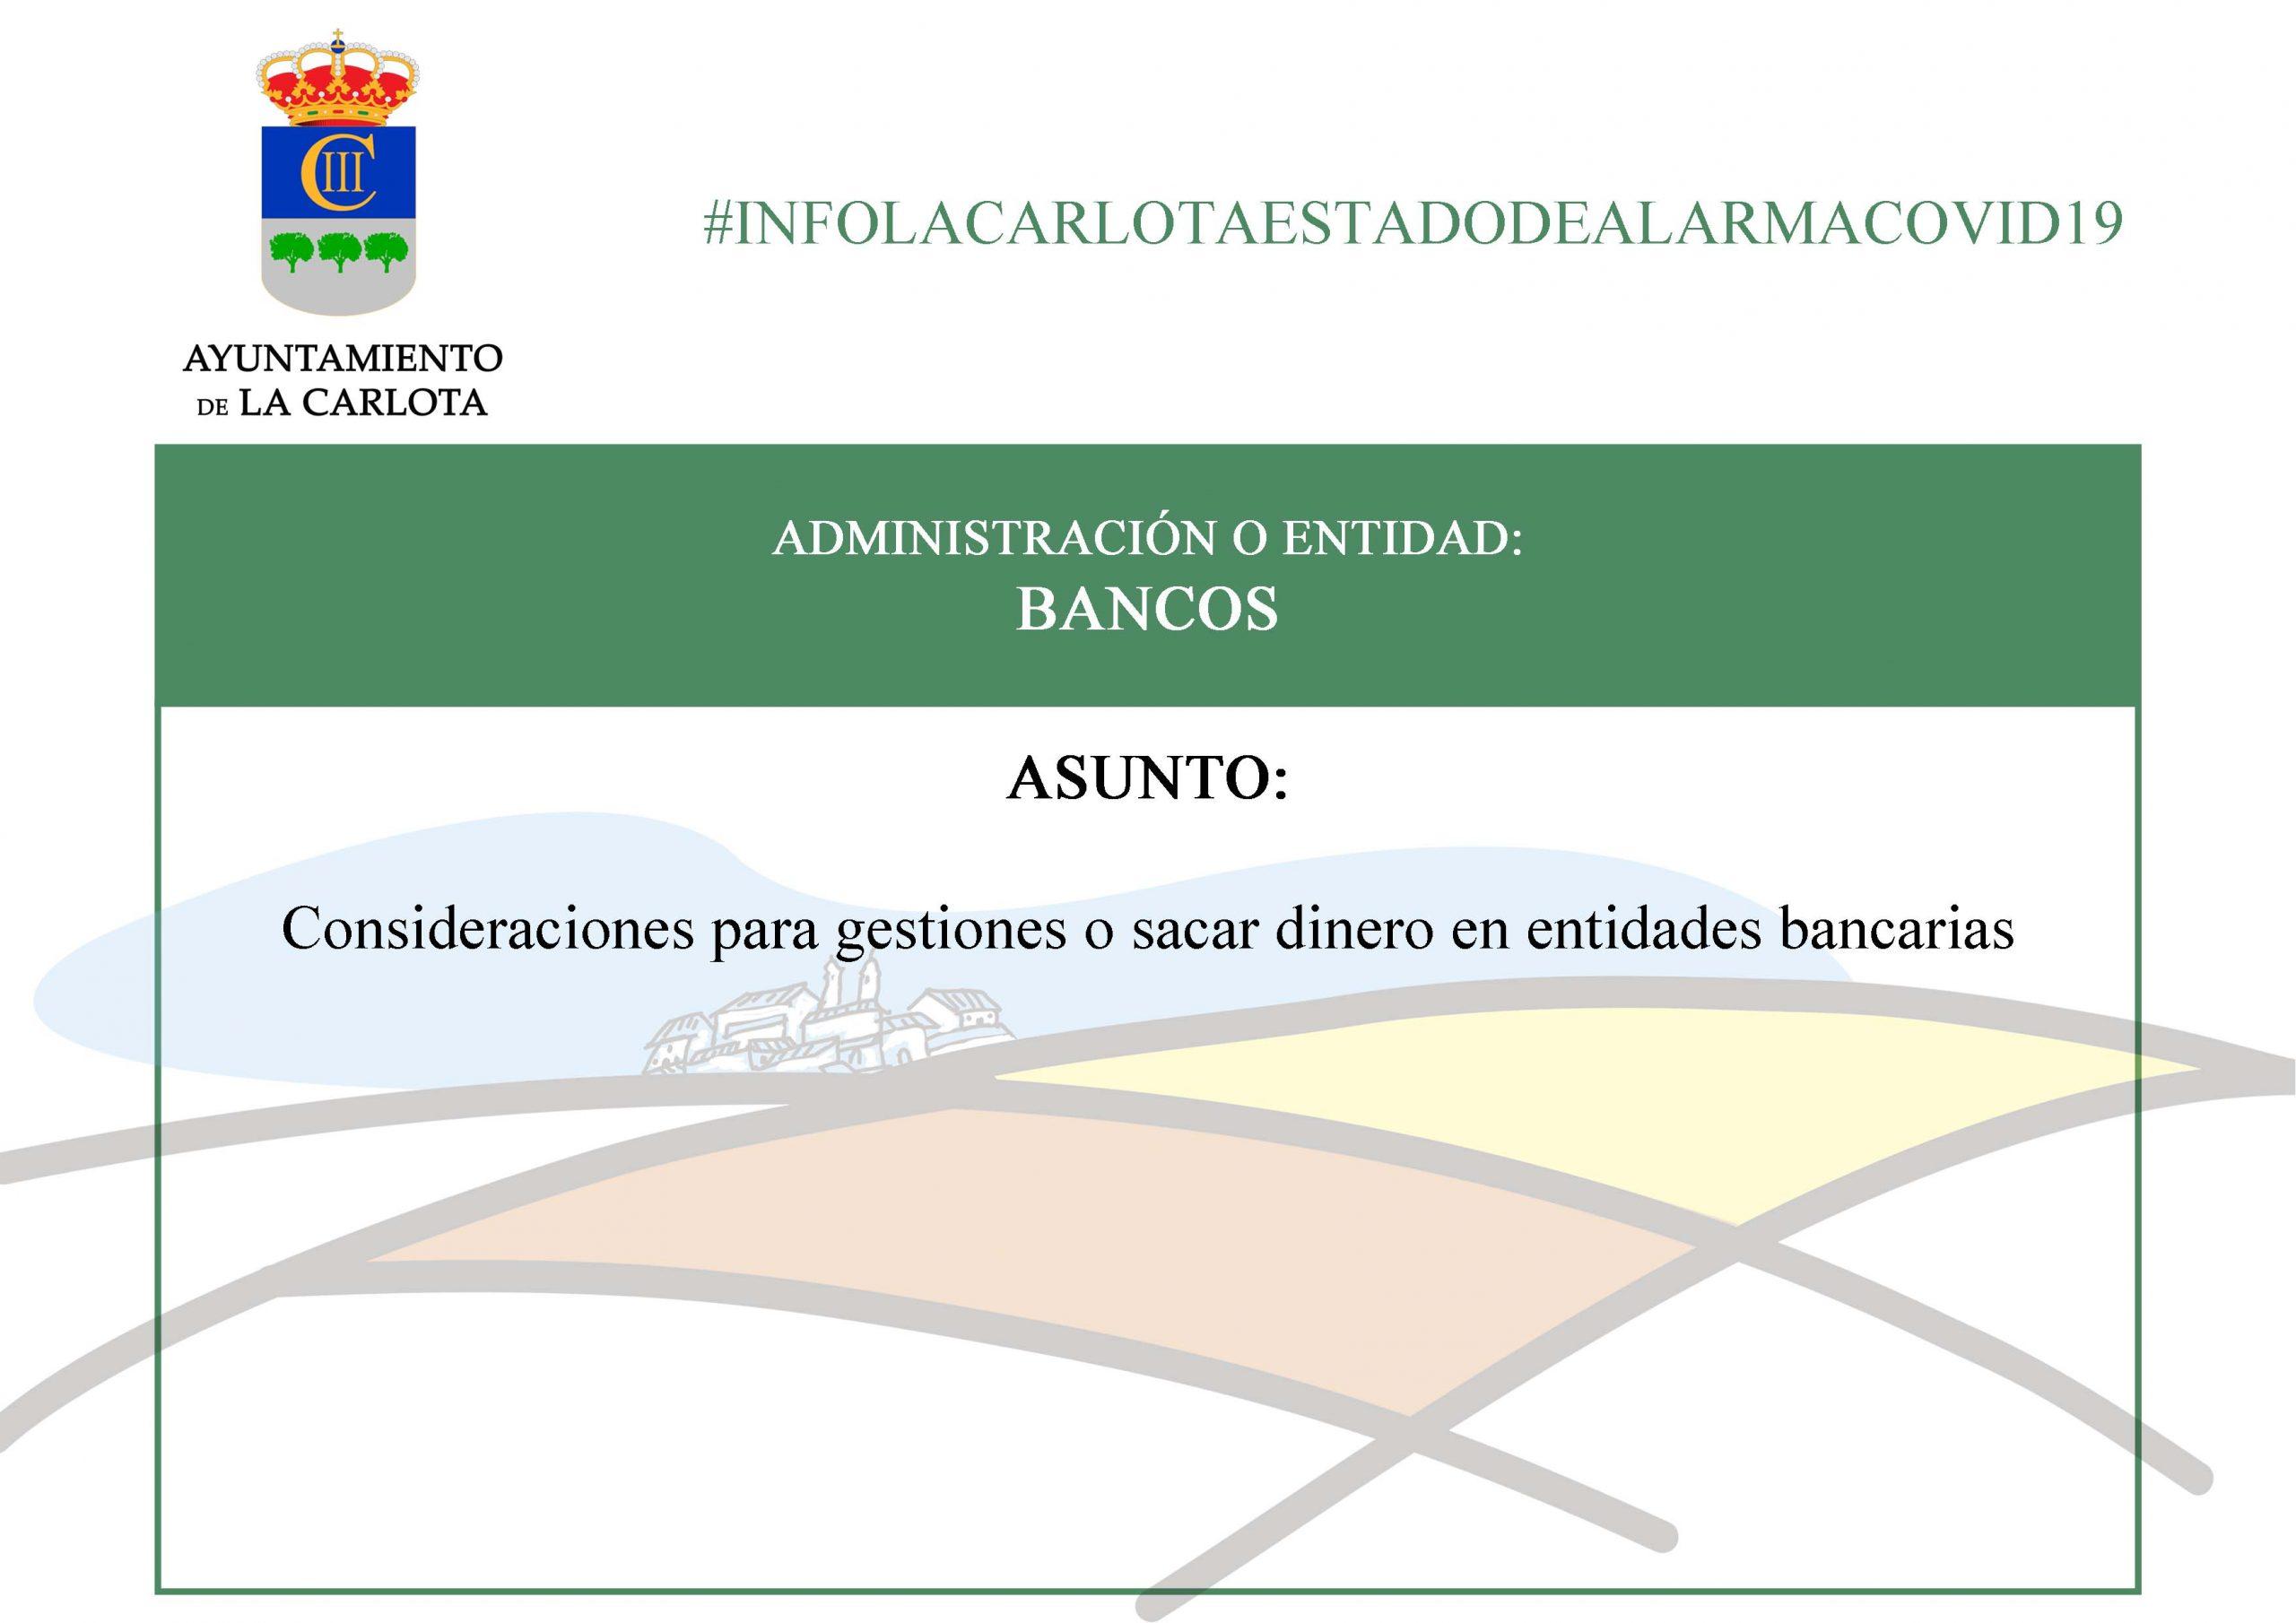 #INFOLACARLOTAESTADODEALARMACOVID19  CONSIDERACIONES PARA GESTIONES O SACAR DINERO EN ENTIDADES BANCARIAS 1